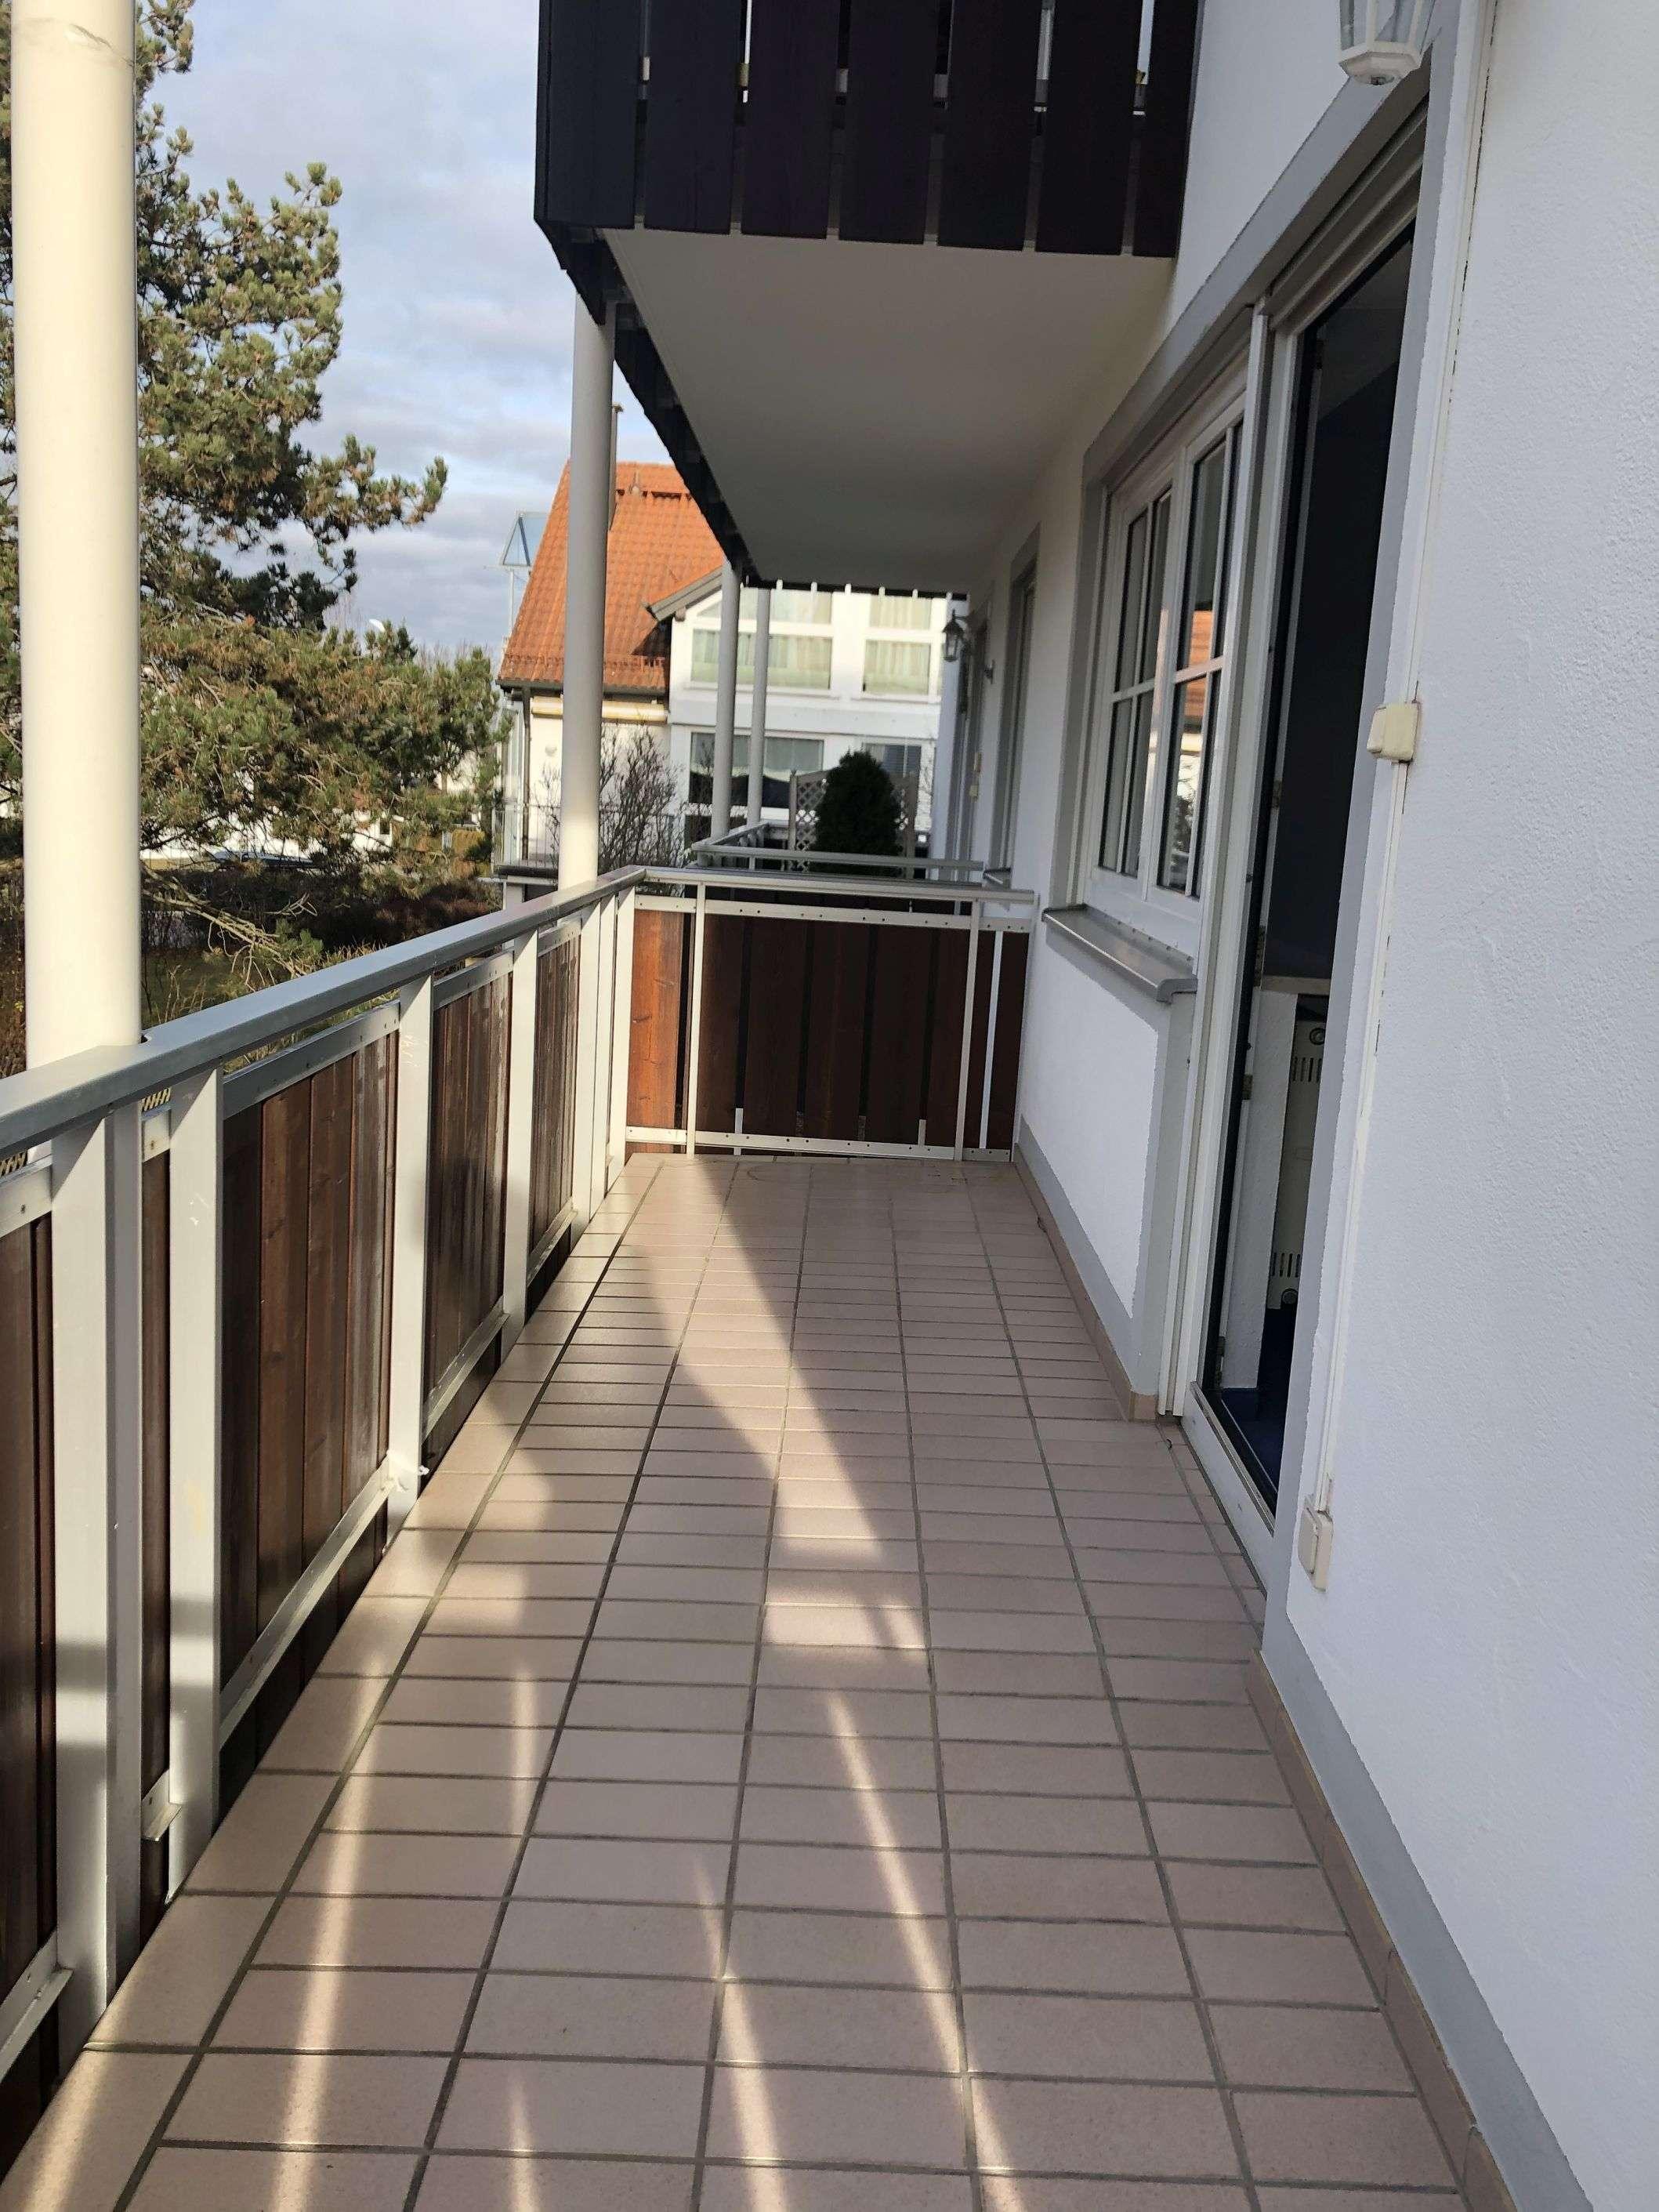 Moderne 3-Zimmer-Wohnung im herrlichen Kurort Bad Wörishofen in